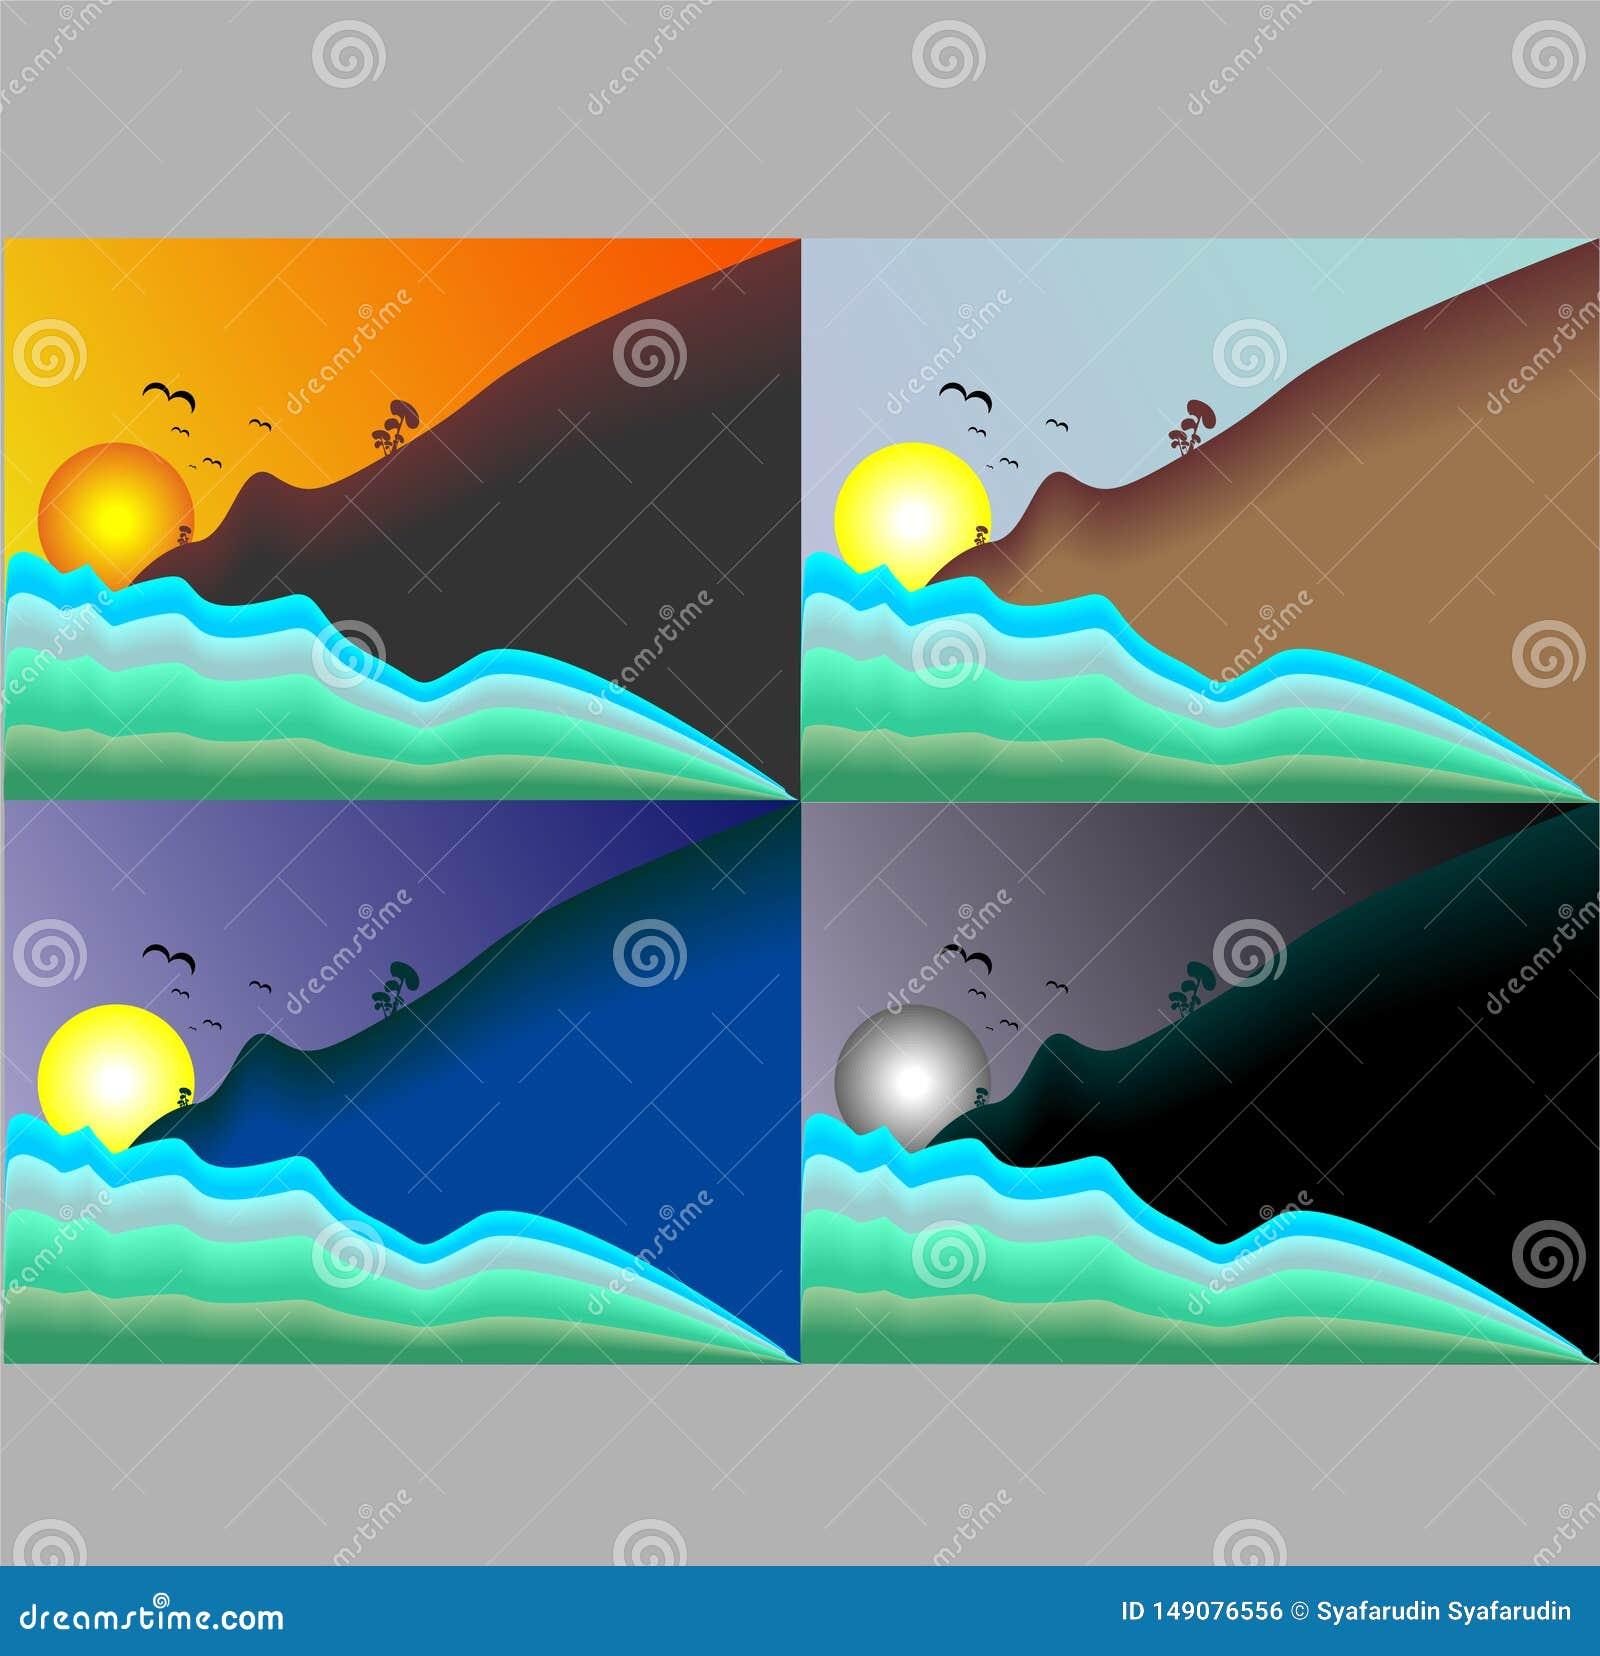 Illustrazione di una collezione di viste del cielo e del sole